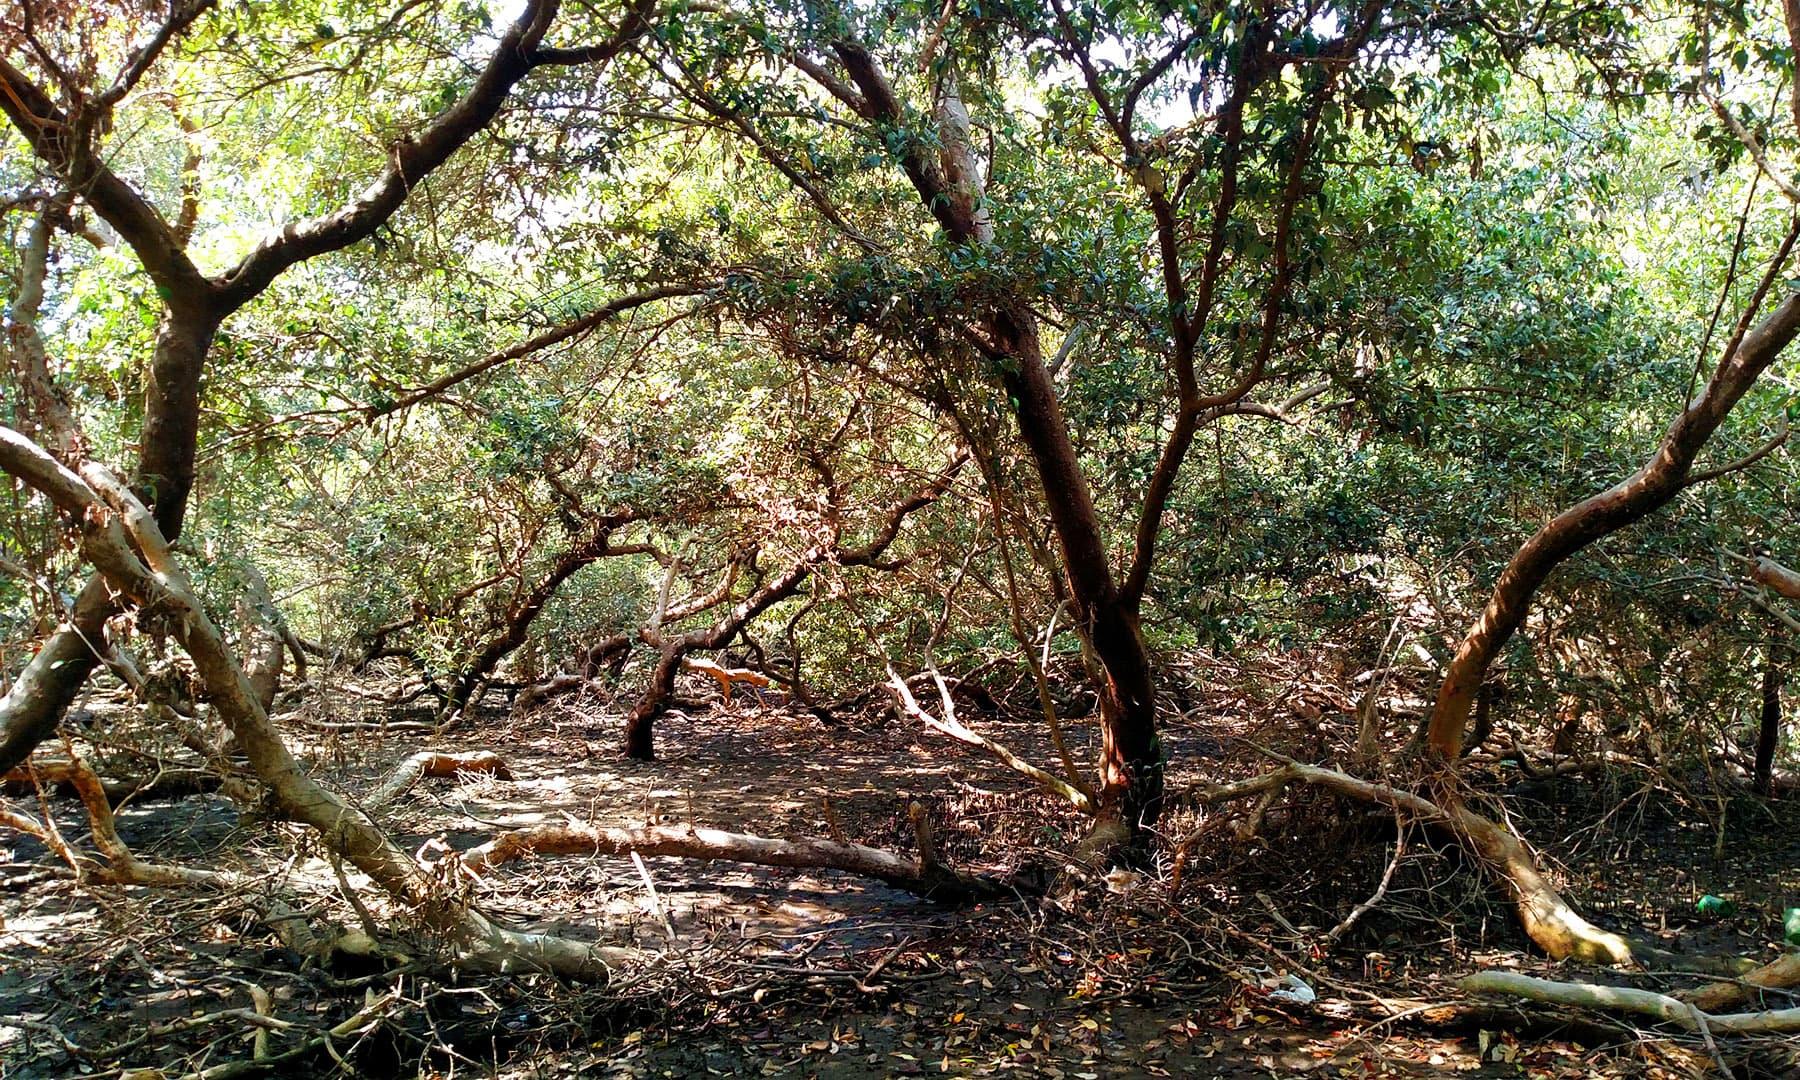 کسی کسی جگہ جنگل نہایت گھنے ہیں جبکہ ان کی زمین عموماً کافی نرم ہوتی ہے — فوٹو بشکریہ لکھاری